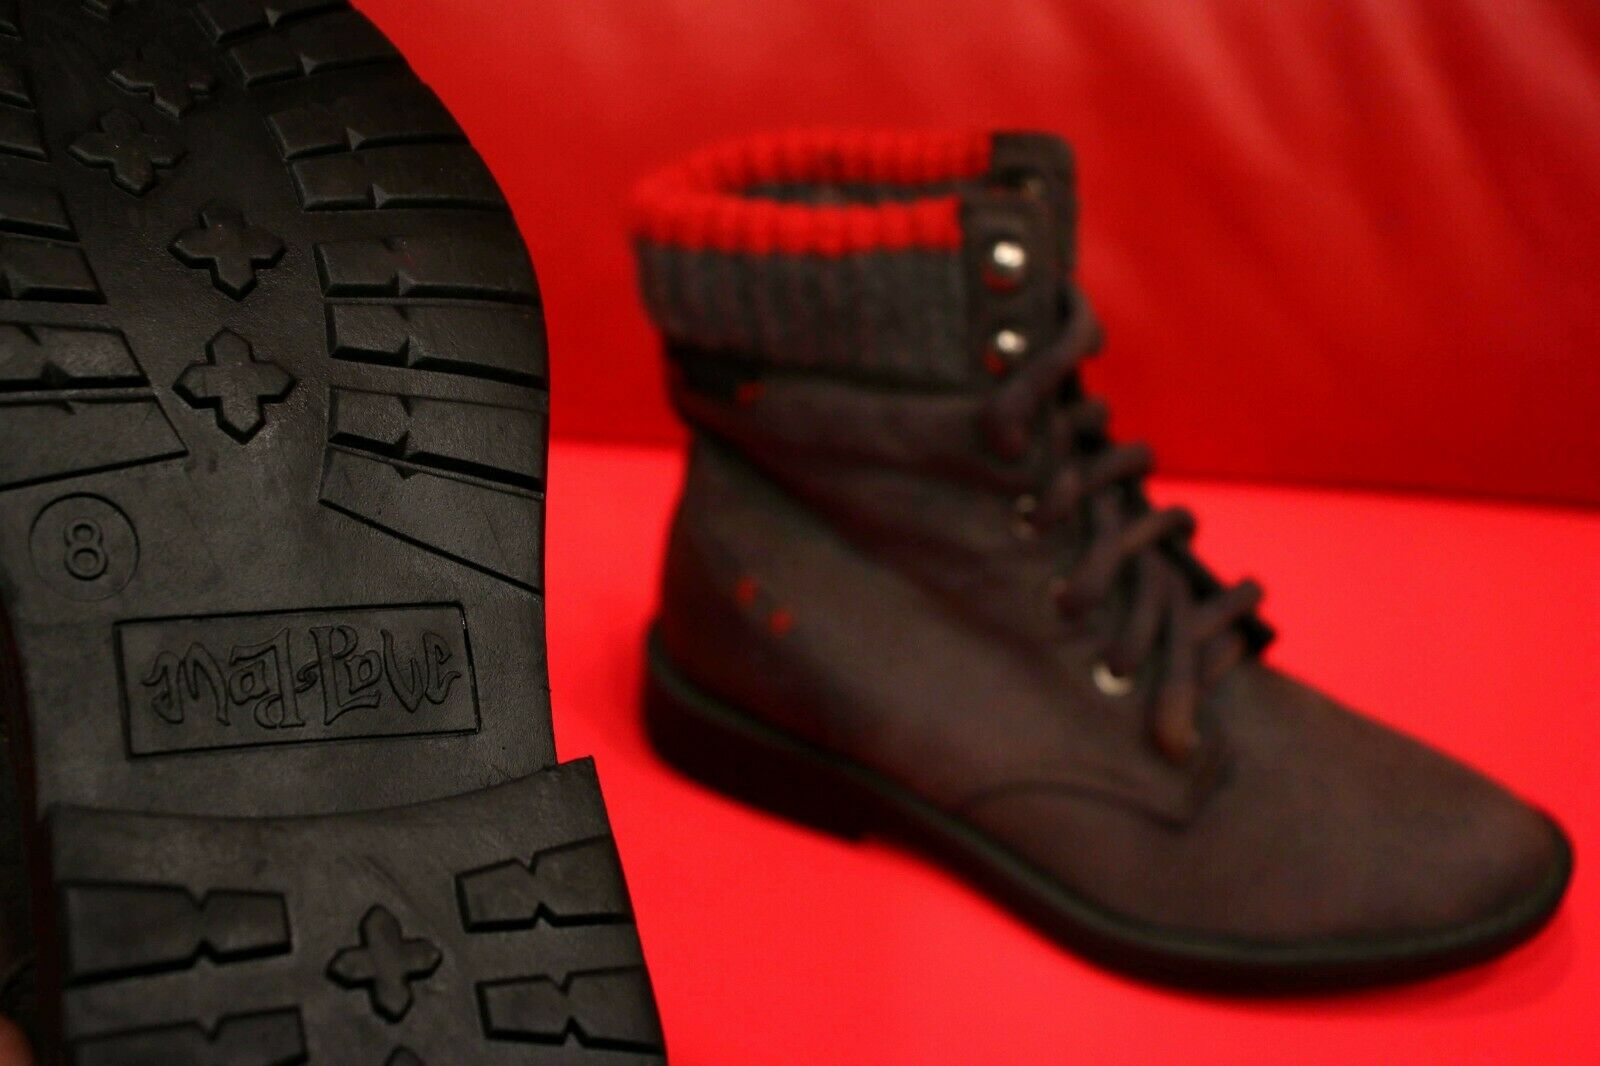 Mujer De Lujo gris De Invierno Otoño ACOLCHADO botas TALLA 8